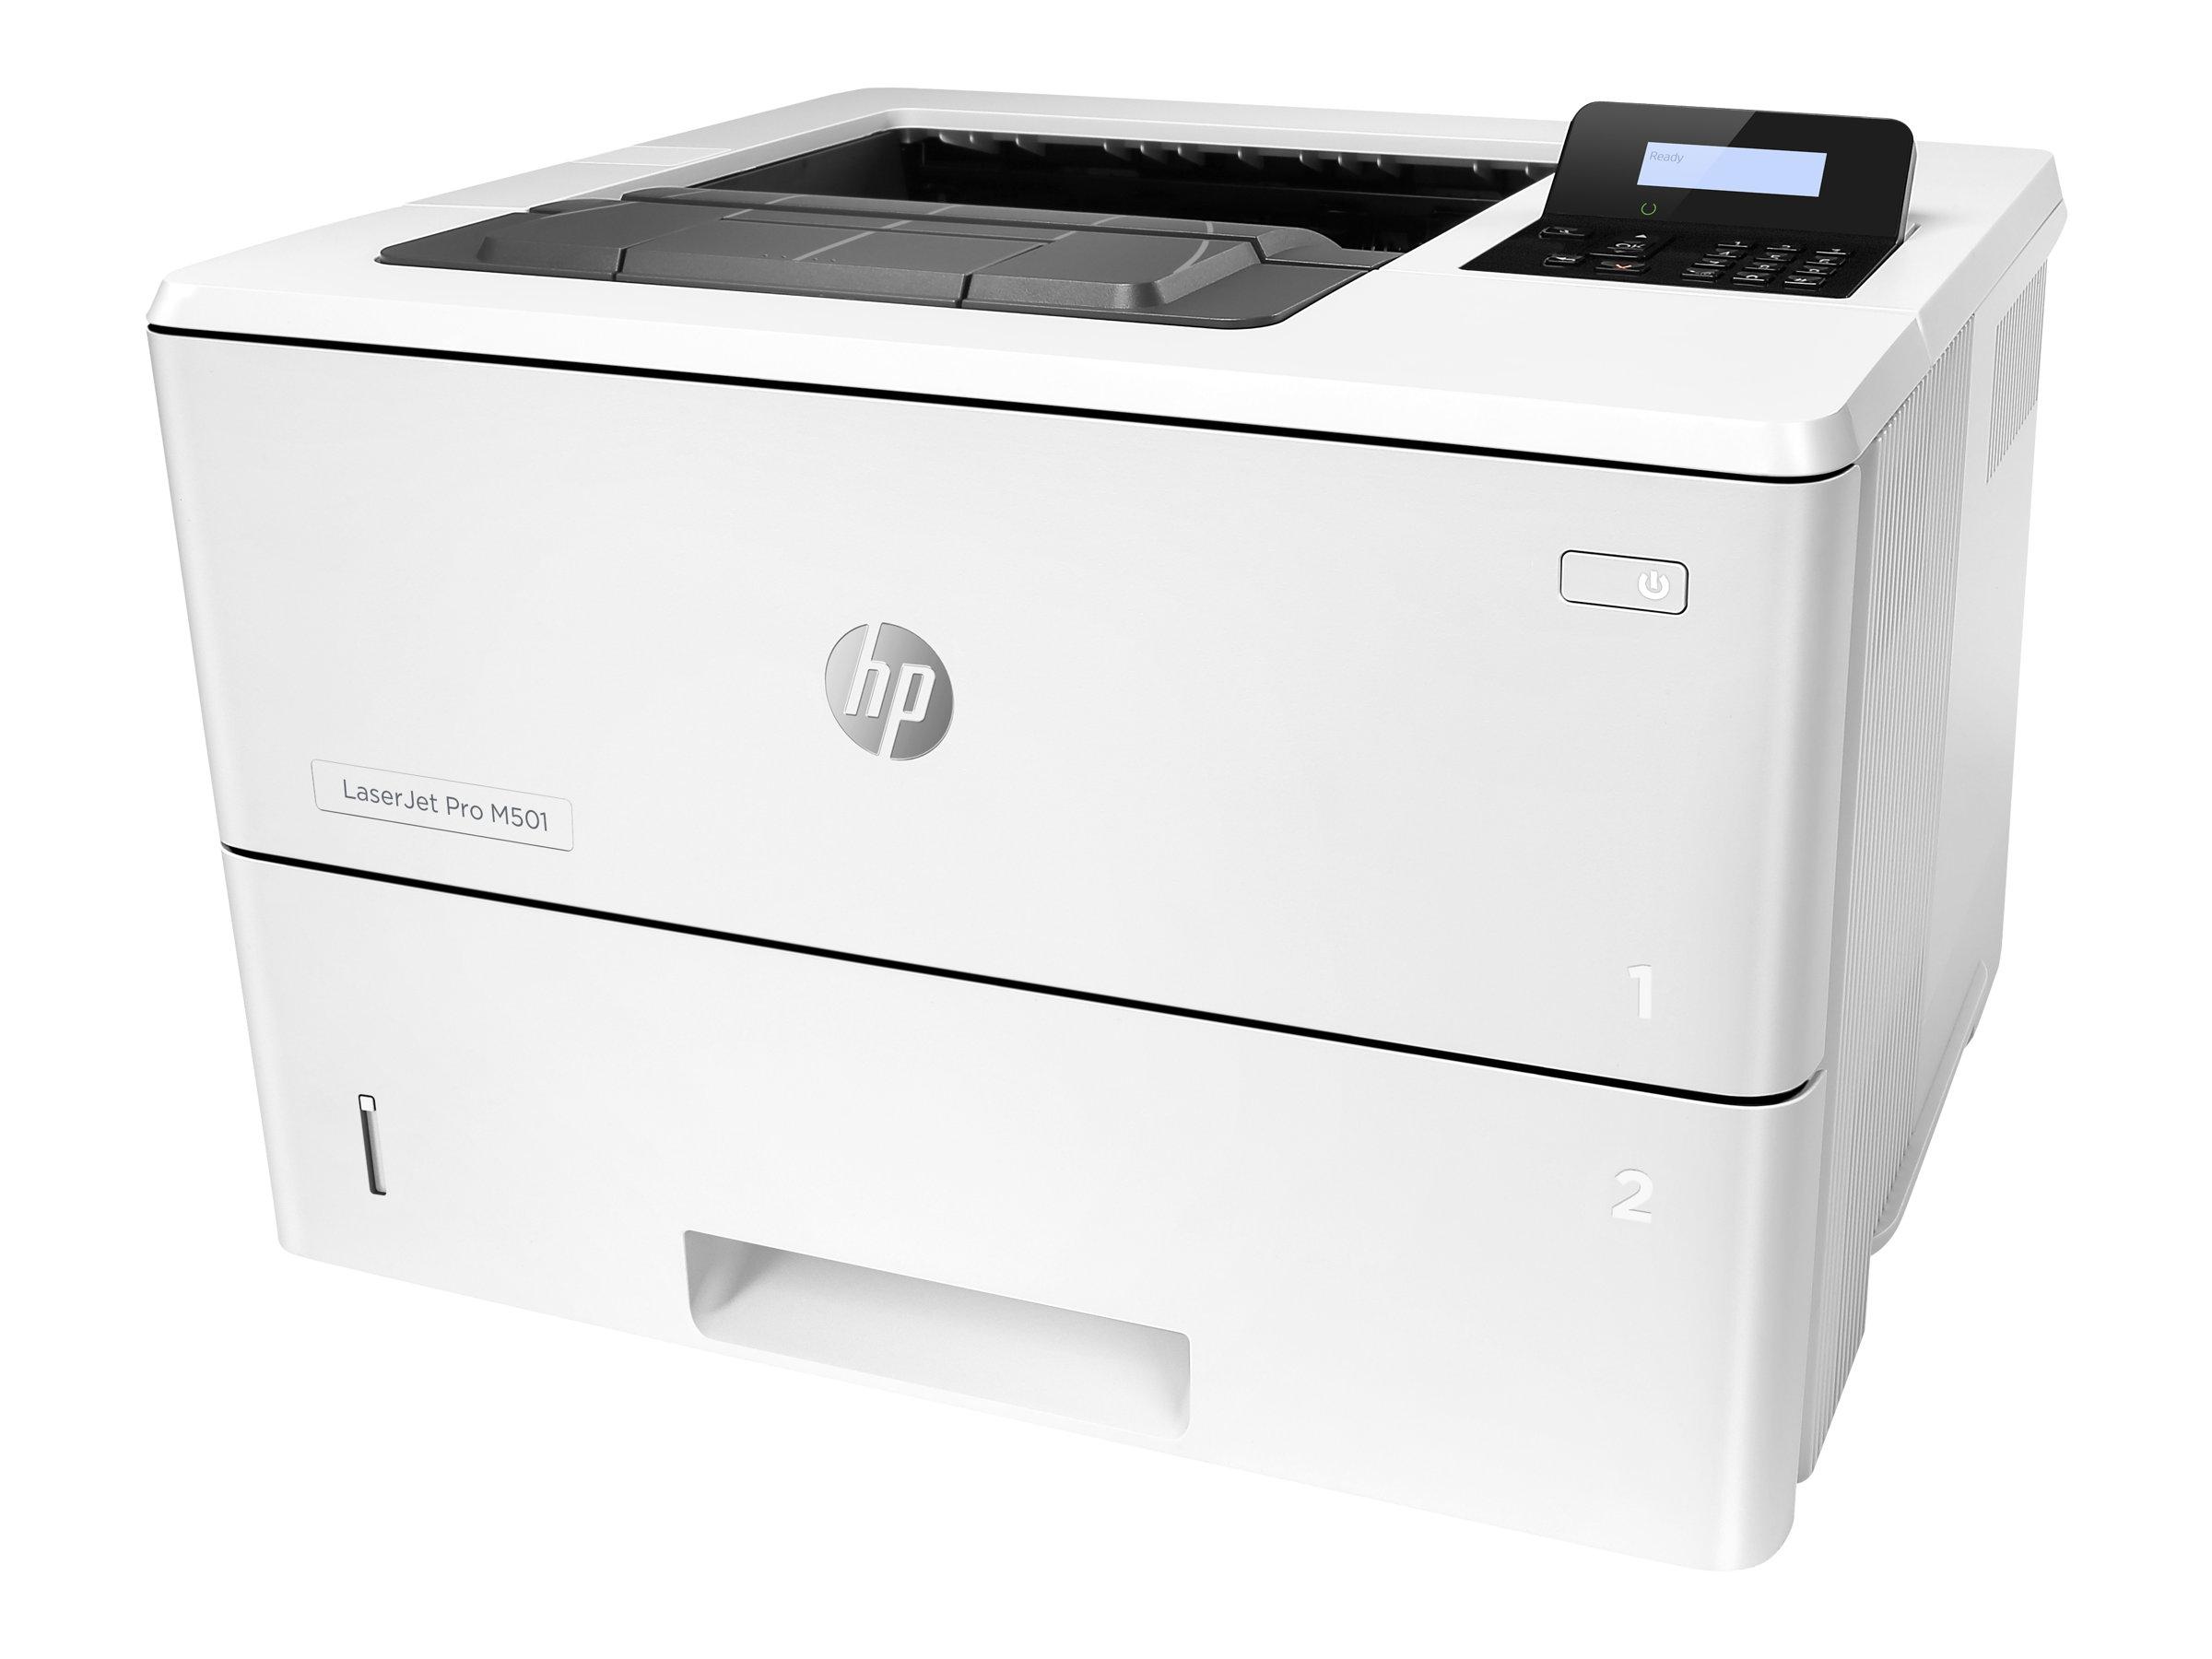 HP LaserJet Pro 500 M501dn, S/W-Laser, A4